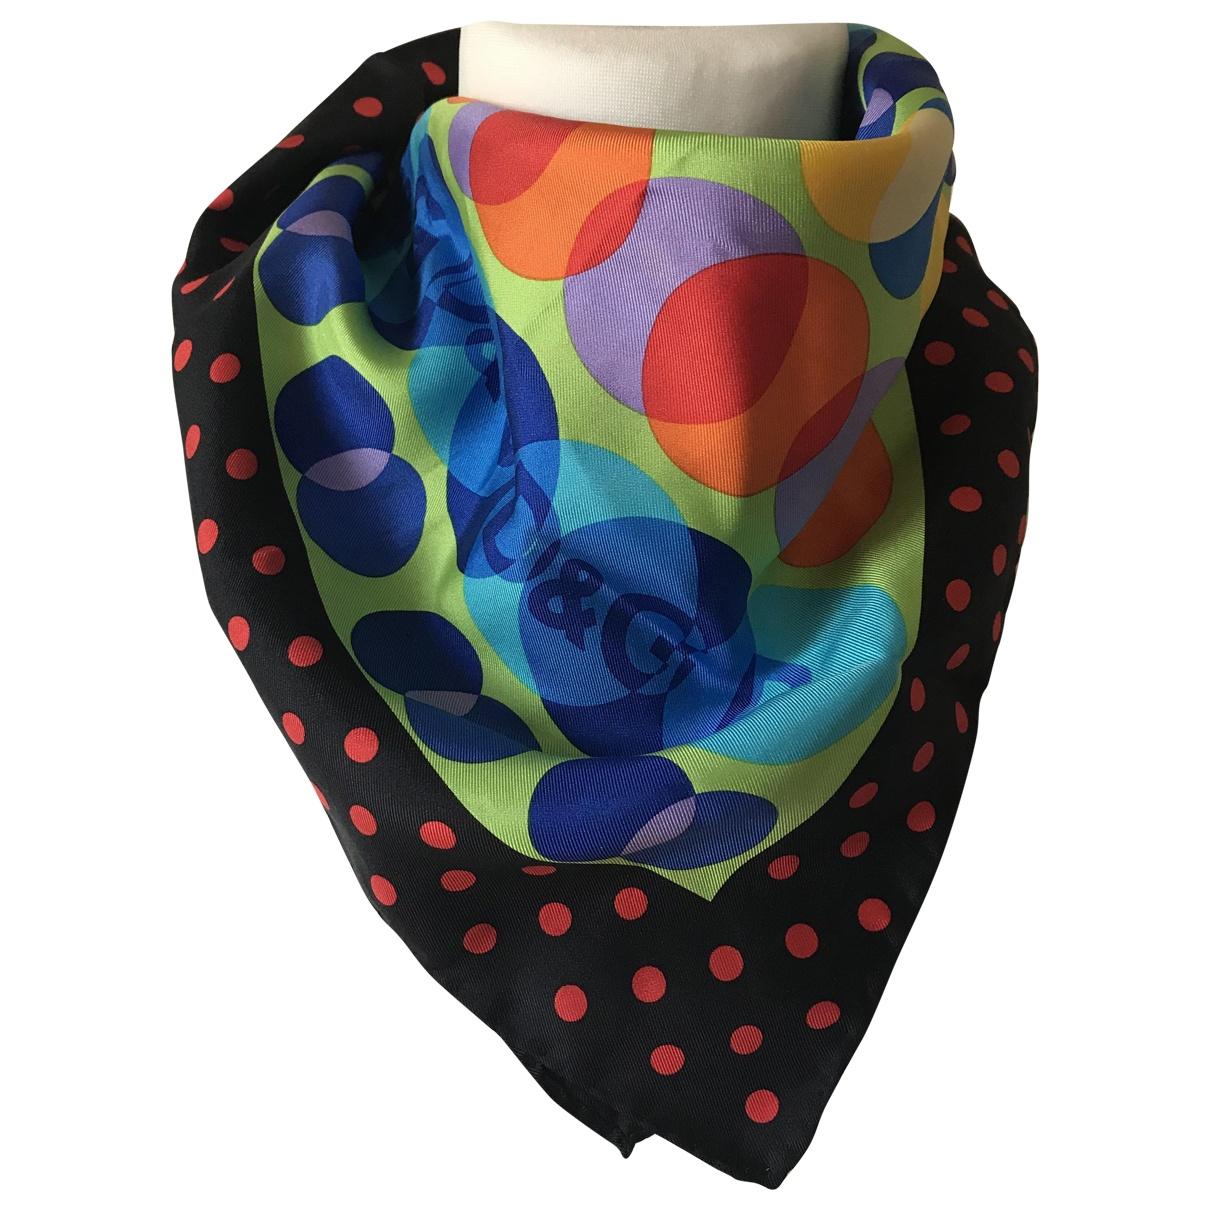 D&g - Foulard   pour femme en soie - multicolore